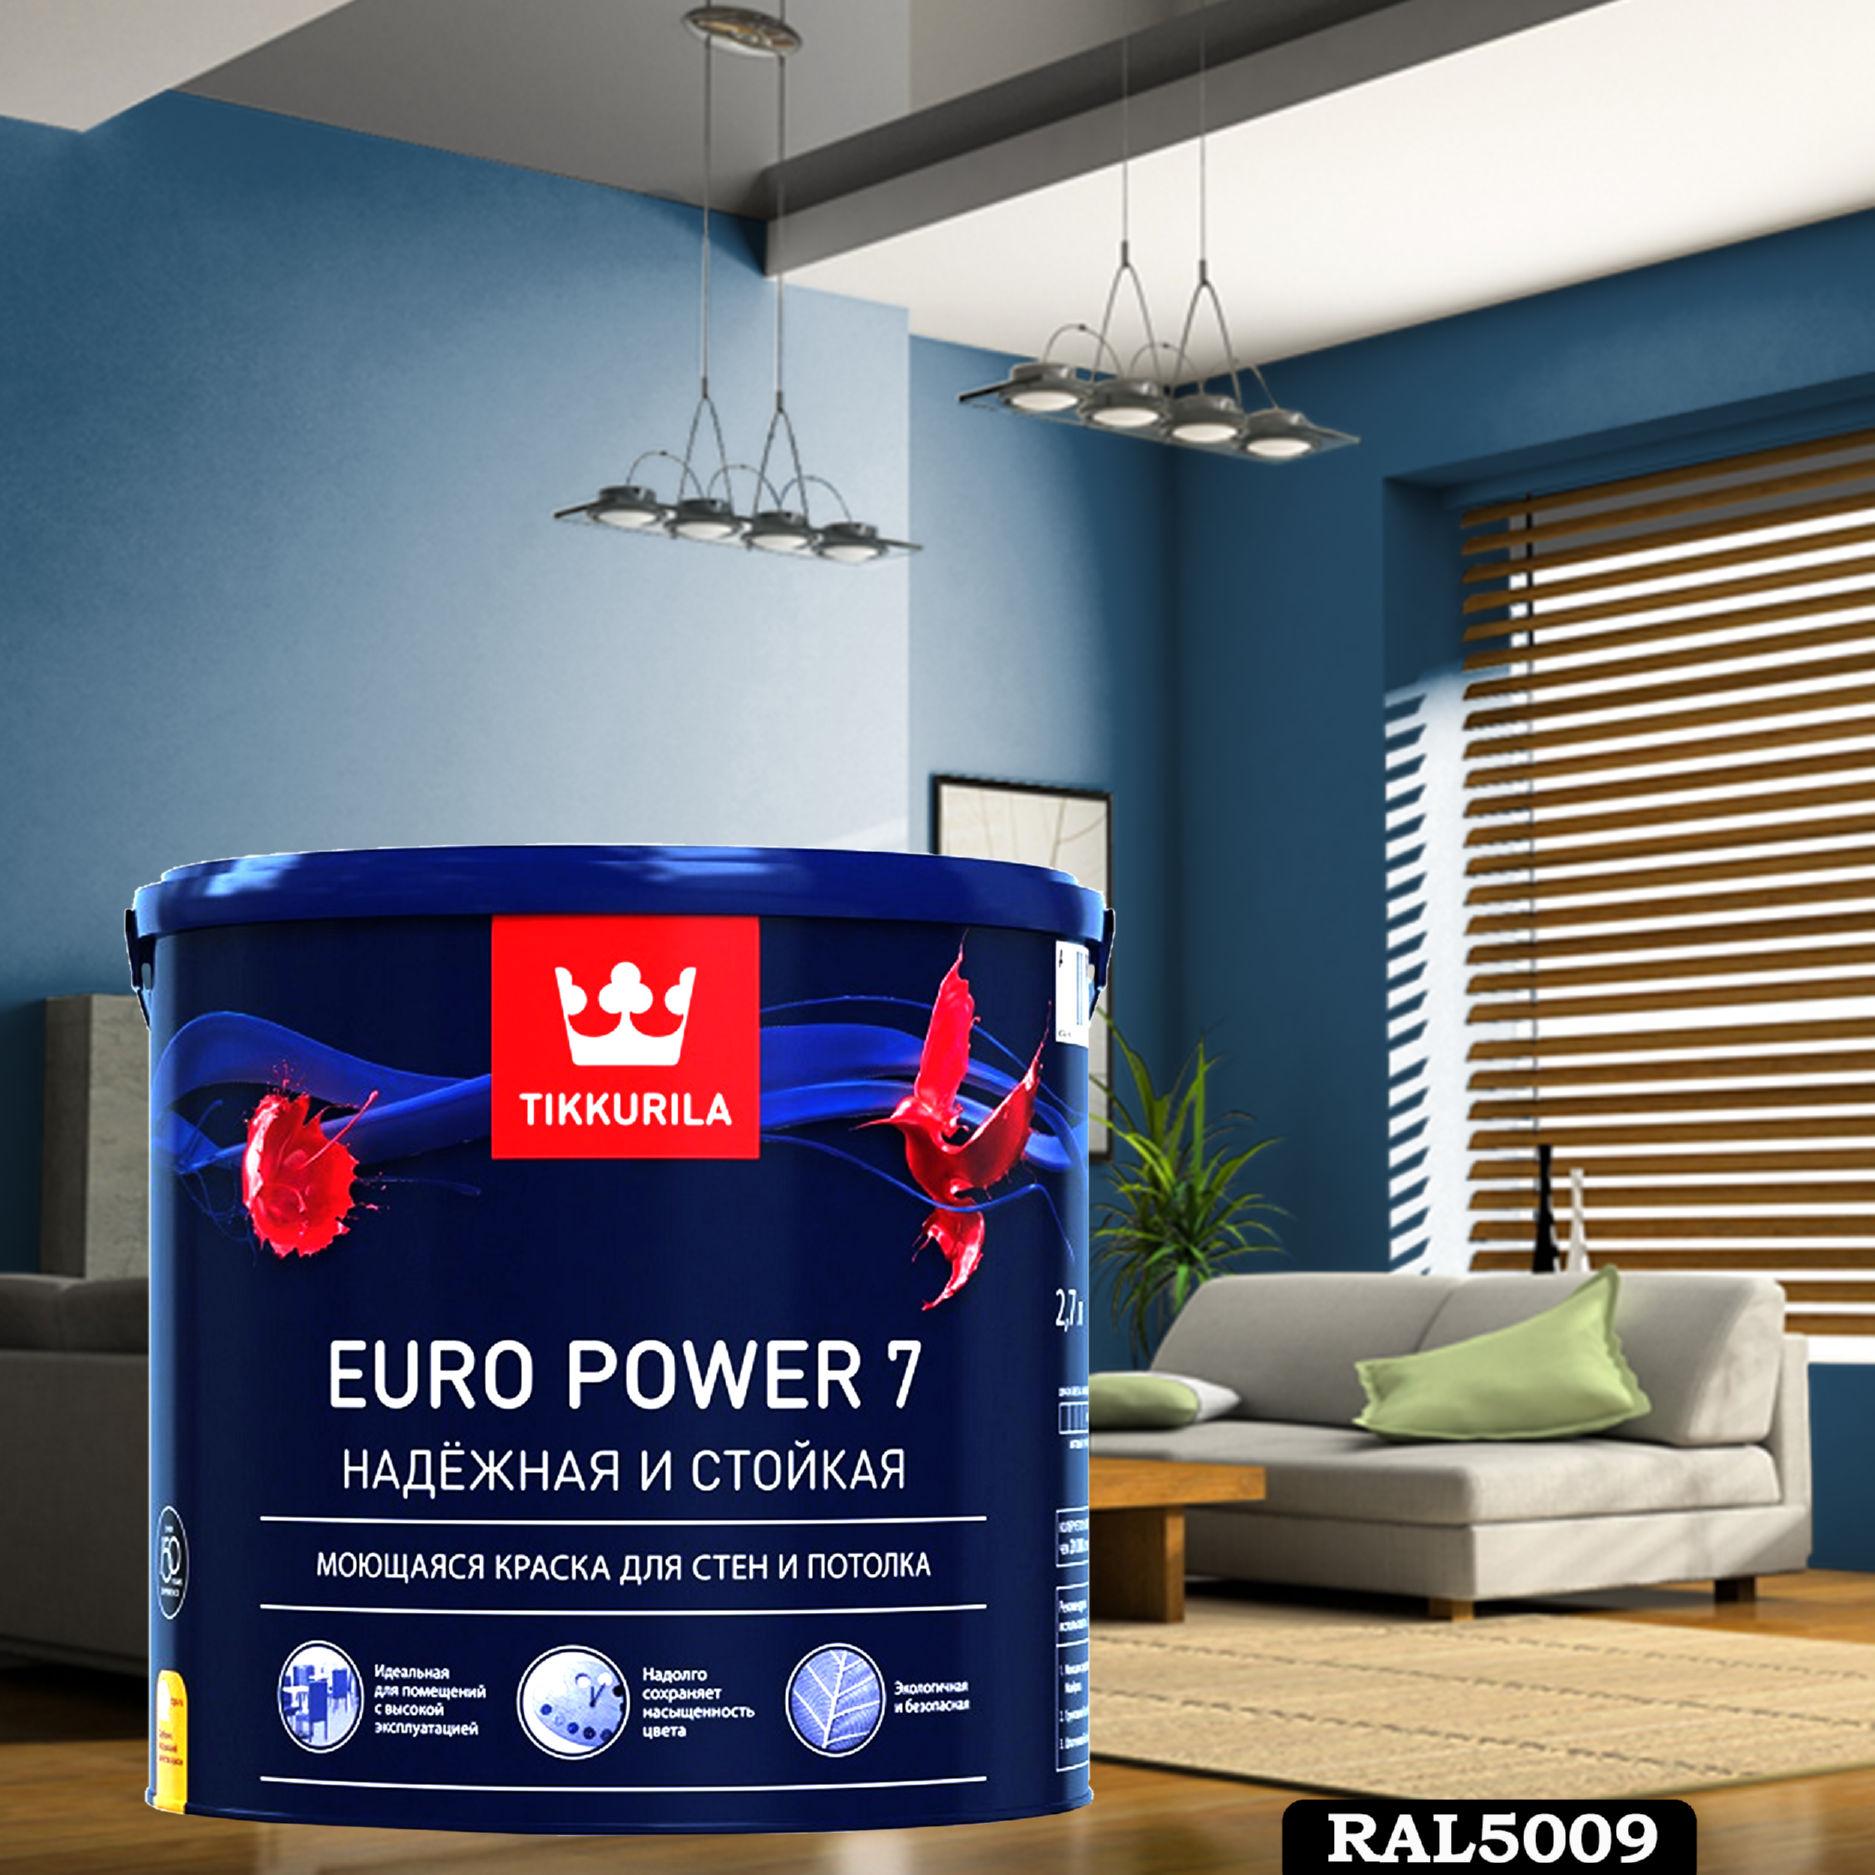 Фото 9 - Краска TIKKURILA Euro Power 7,  RAL 5009 Лазурно-синий, латексная моющаяся матовая интерьерная, 9 л.